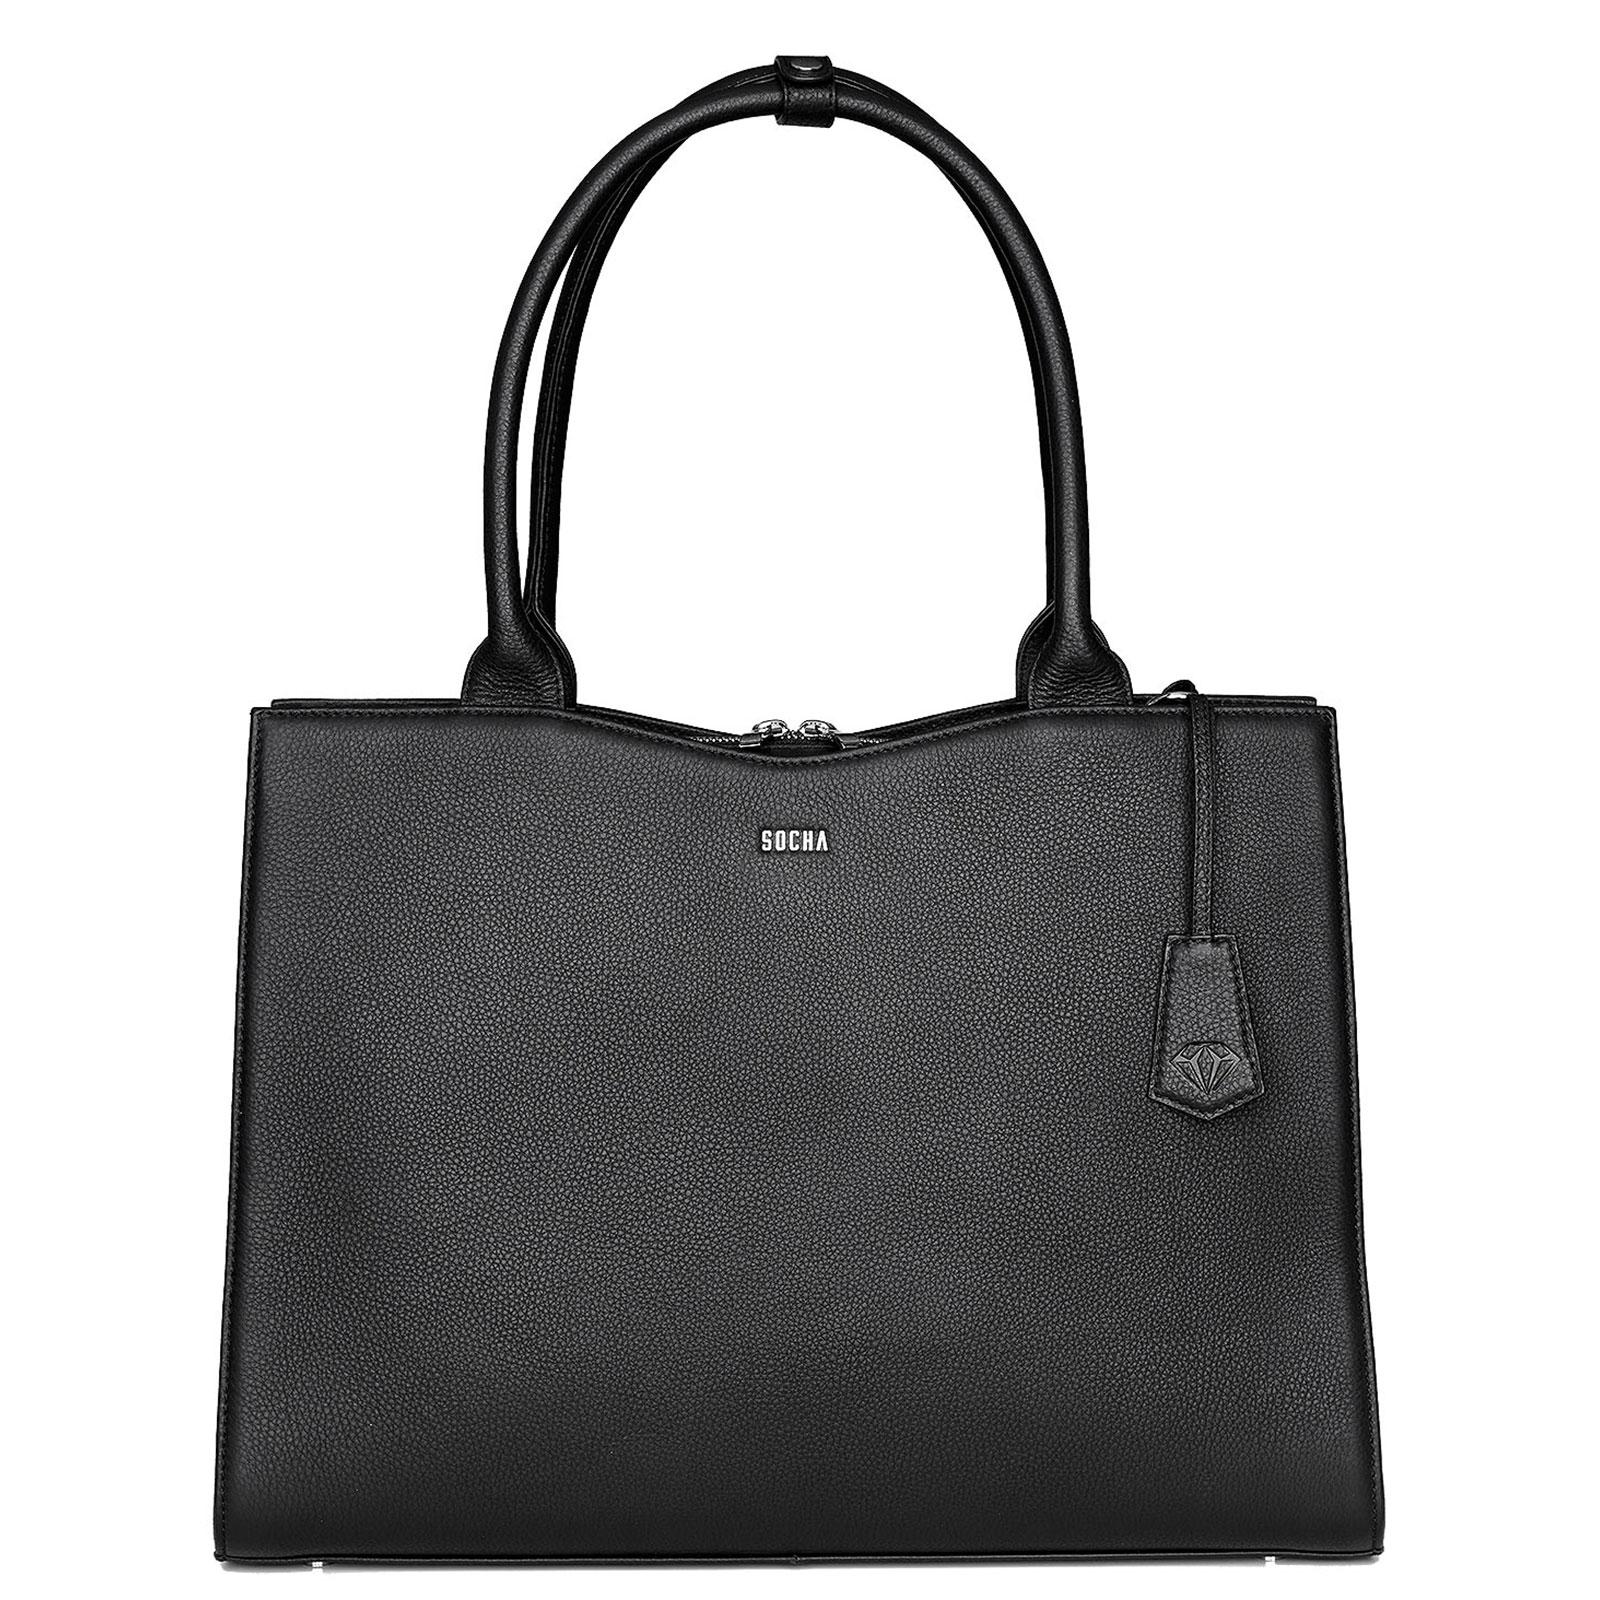 Aktentaschen SOCHA Diamond Bag Damen Handtasche 45 cm, Schwarz